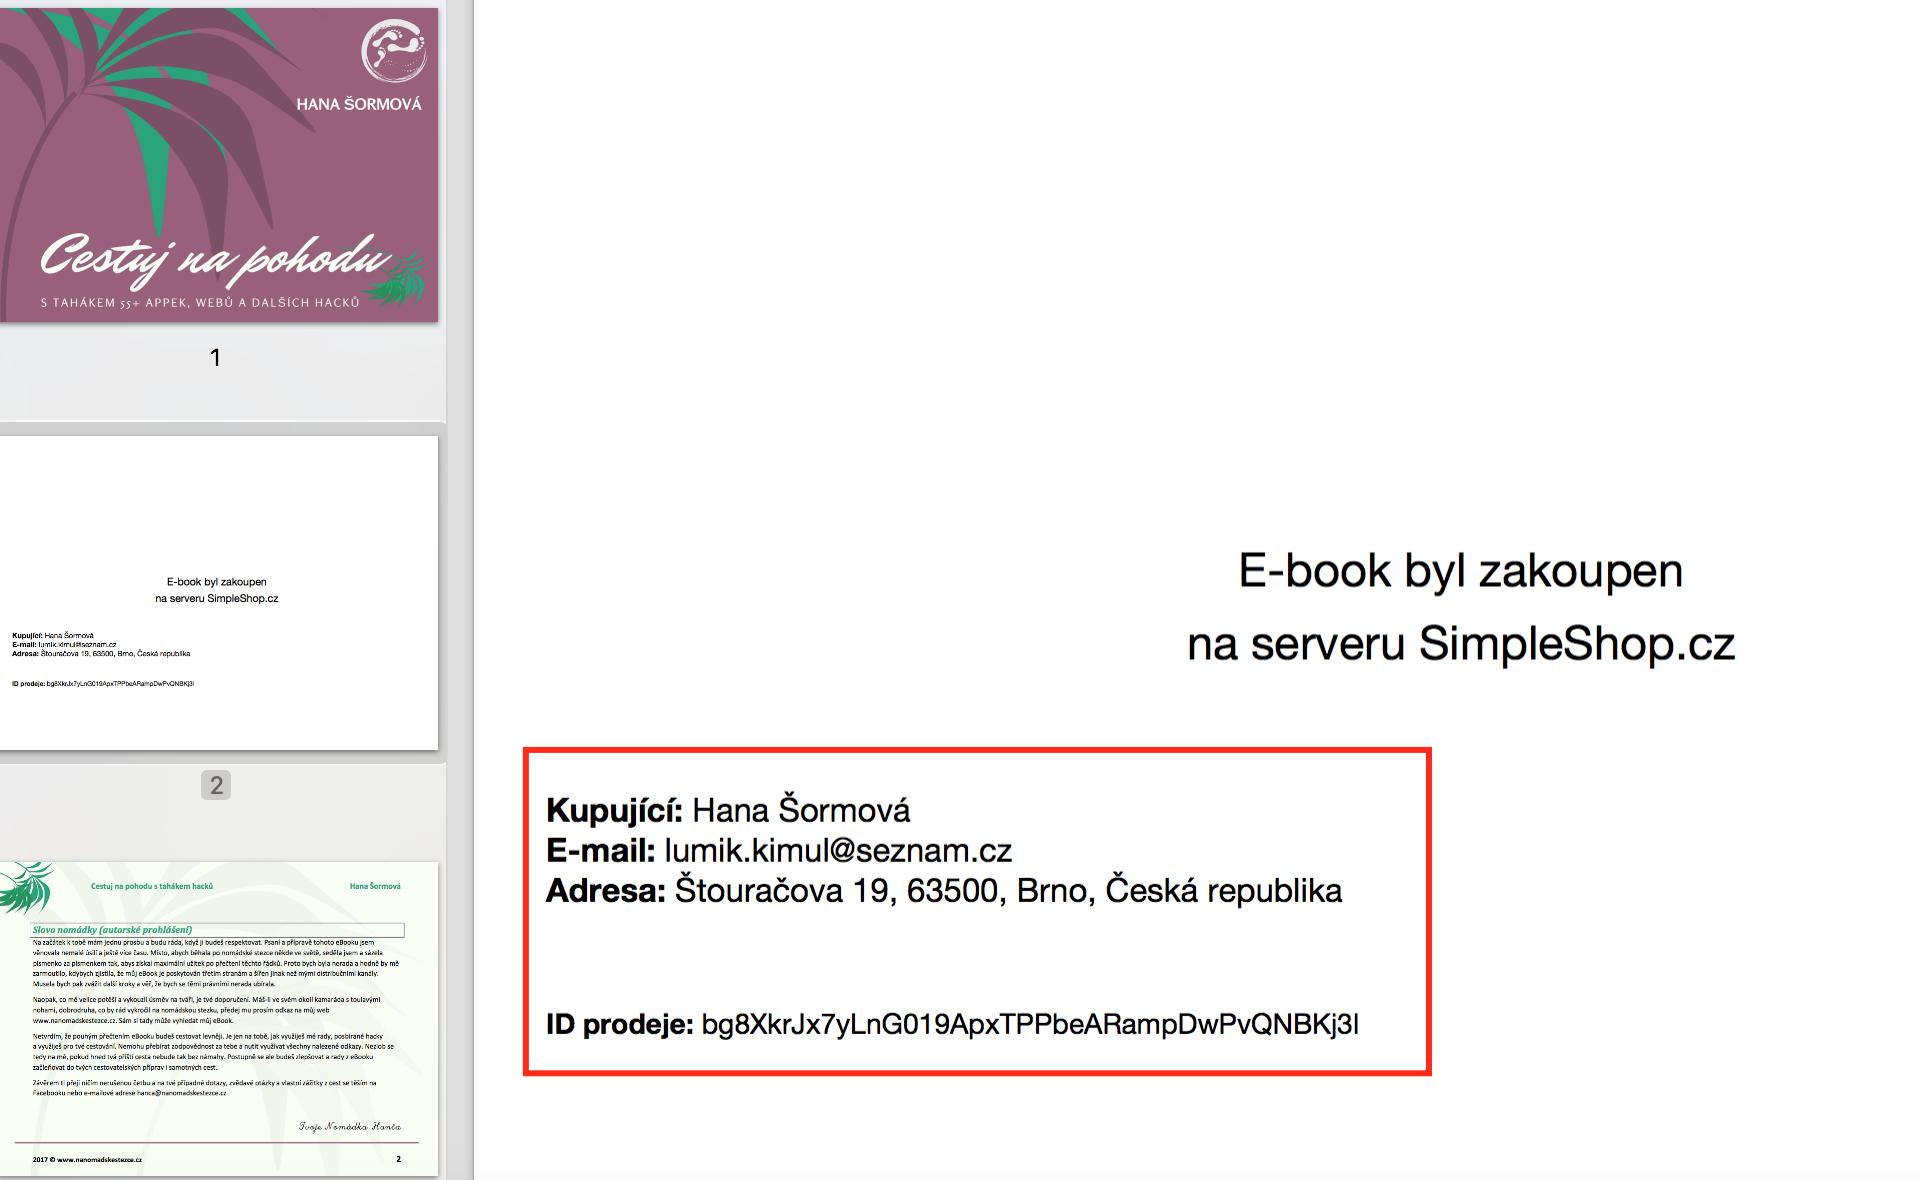 Ukázka jak simpleShop zabezpečuje eBook